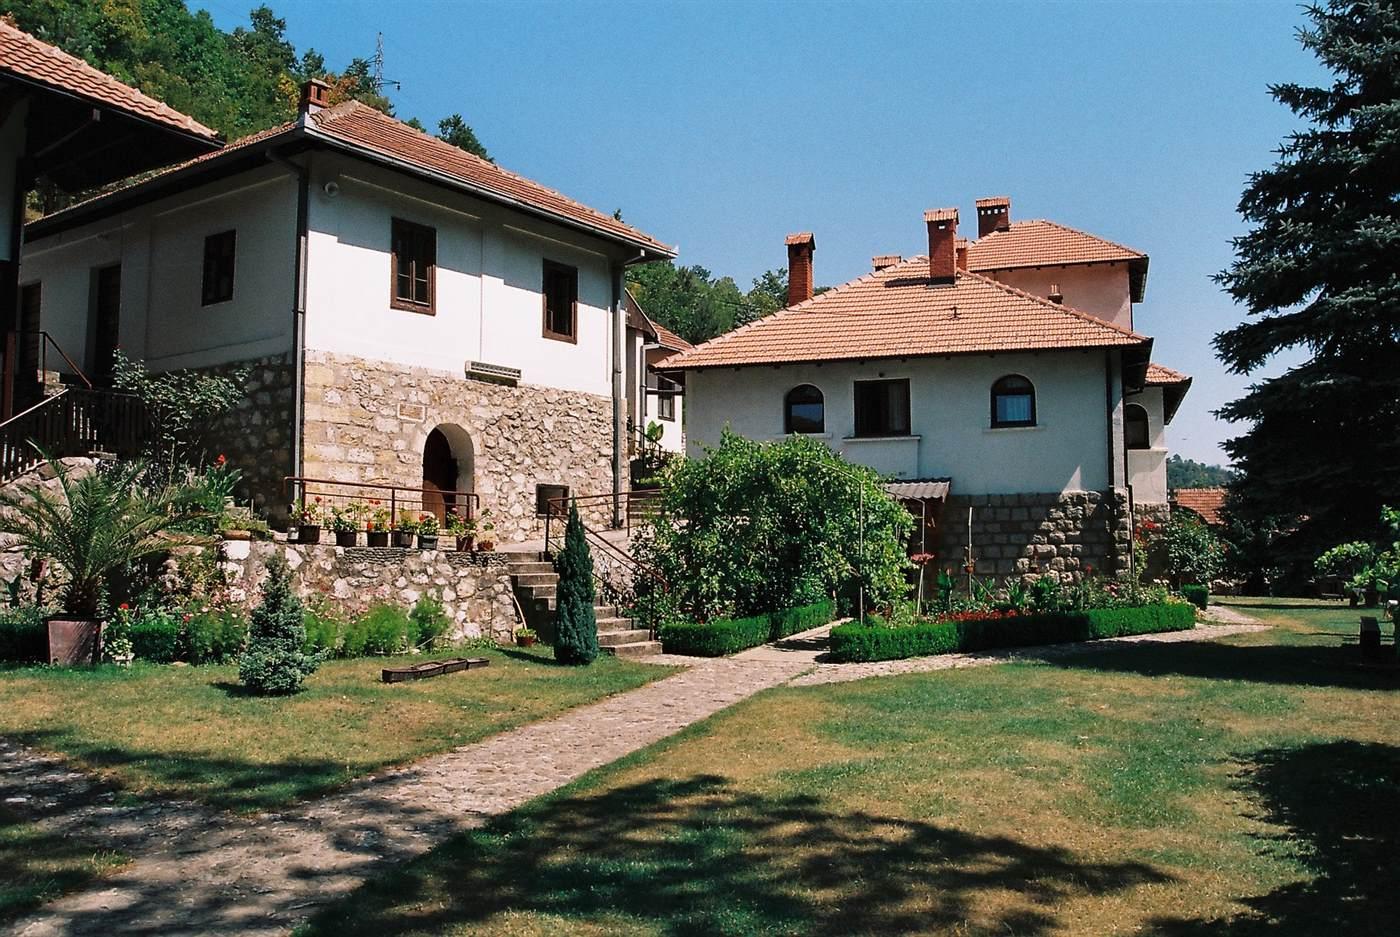 Preporuka za aktivni vikend u prirodi: manastiri Ovčarsko-kablarske klisure